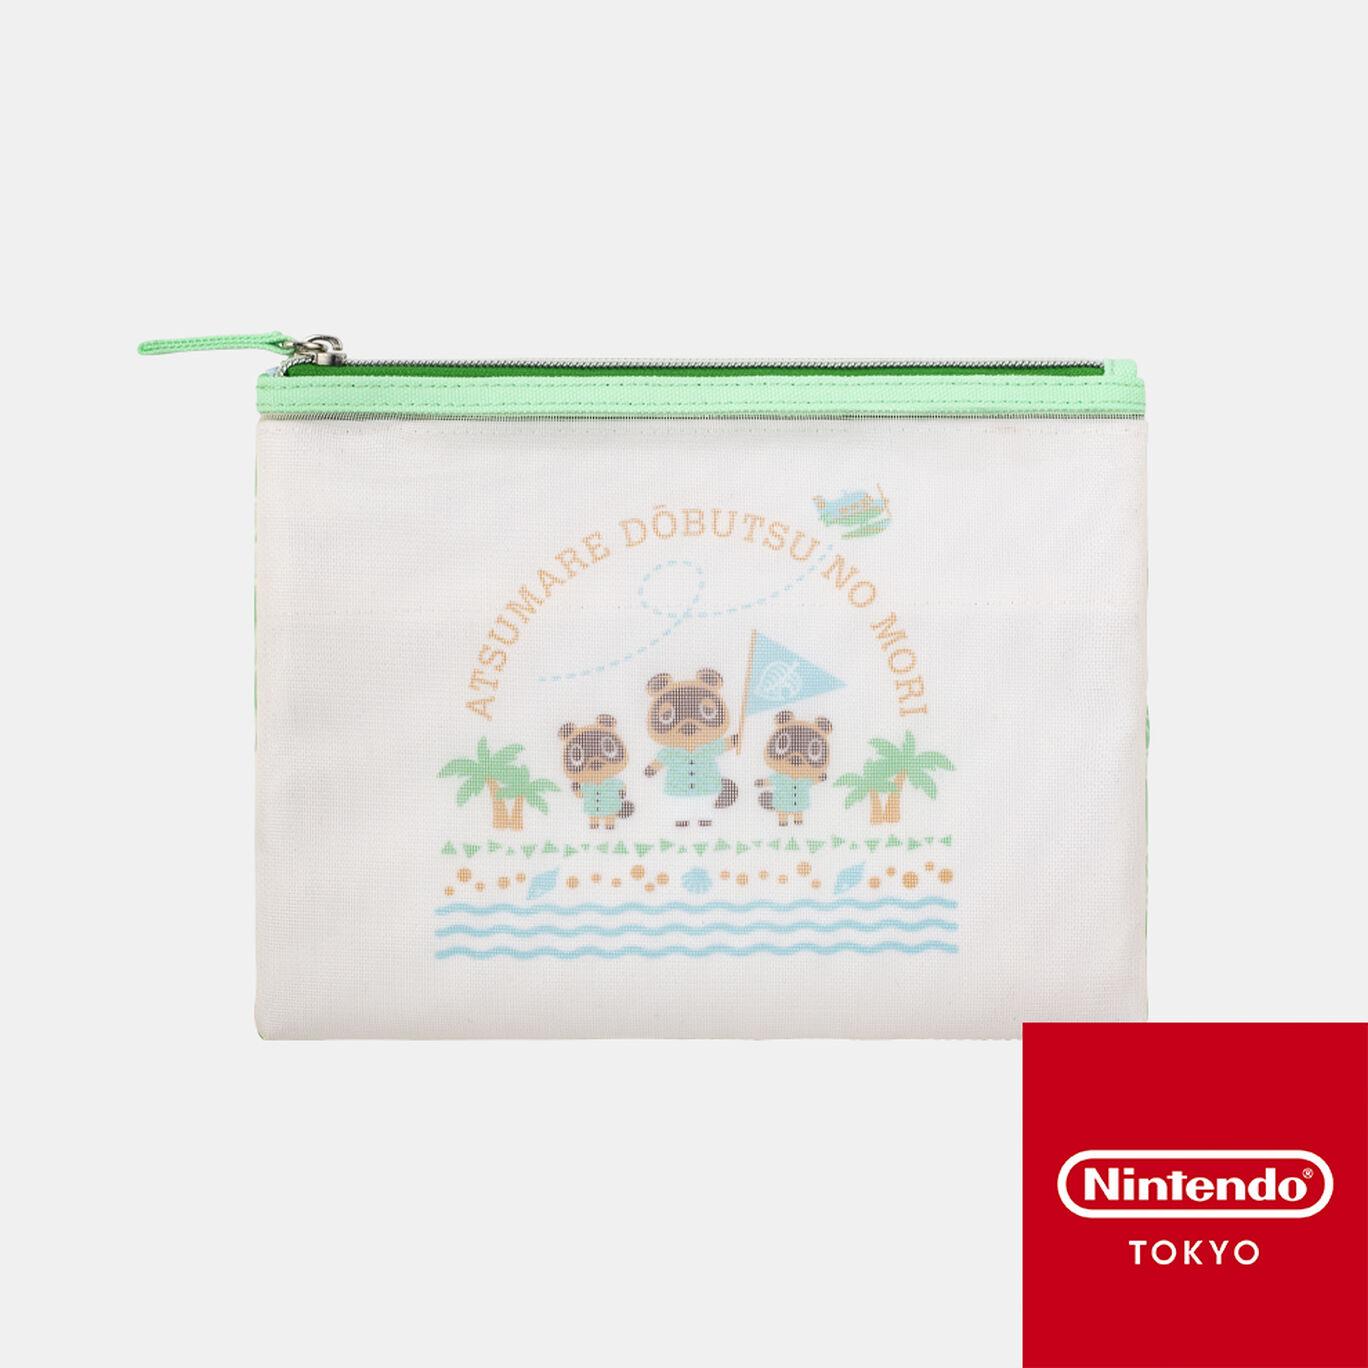 メッシュポーチ あつまれ どうぶつの森【Nintendo TOKYO取り扱い商品】